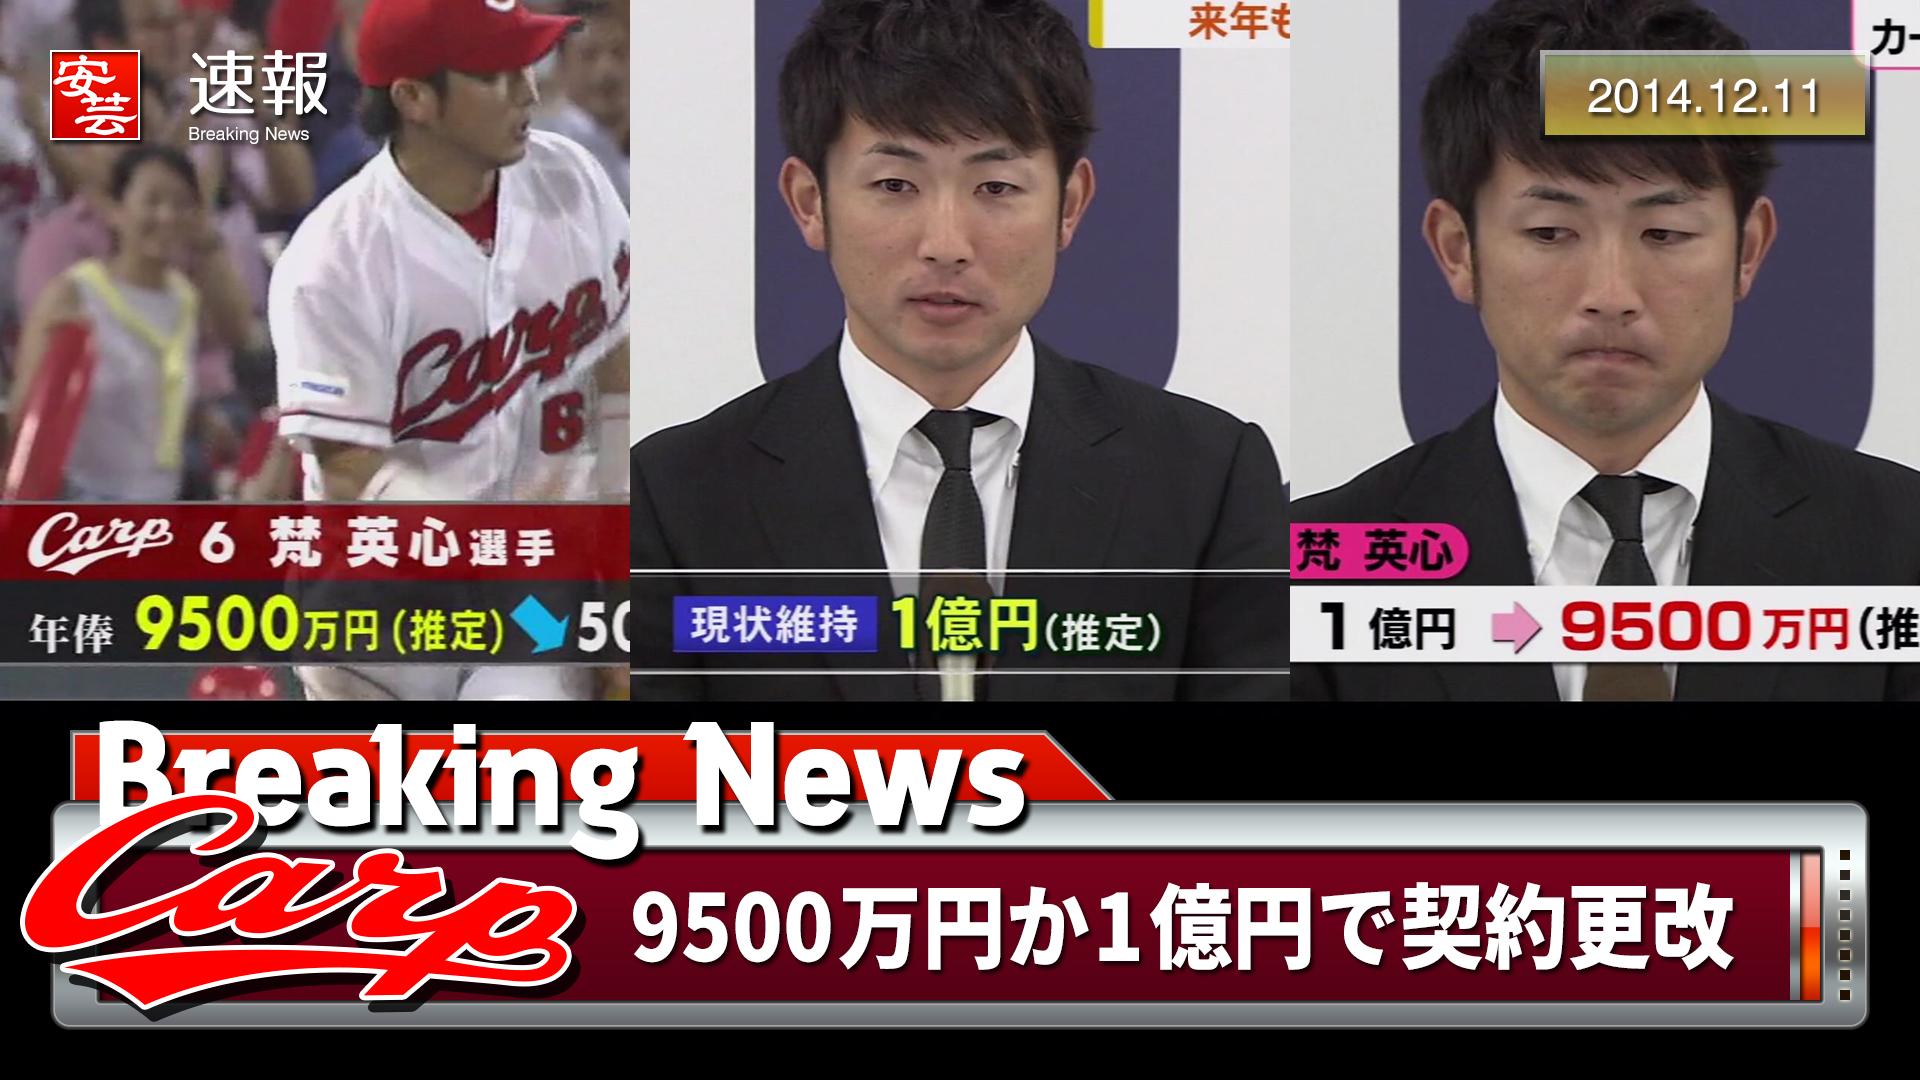 【TV報道版】梵選手が500万減となる9500万、もしくは現状維持の1 ...